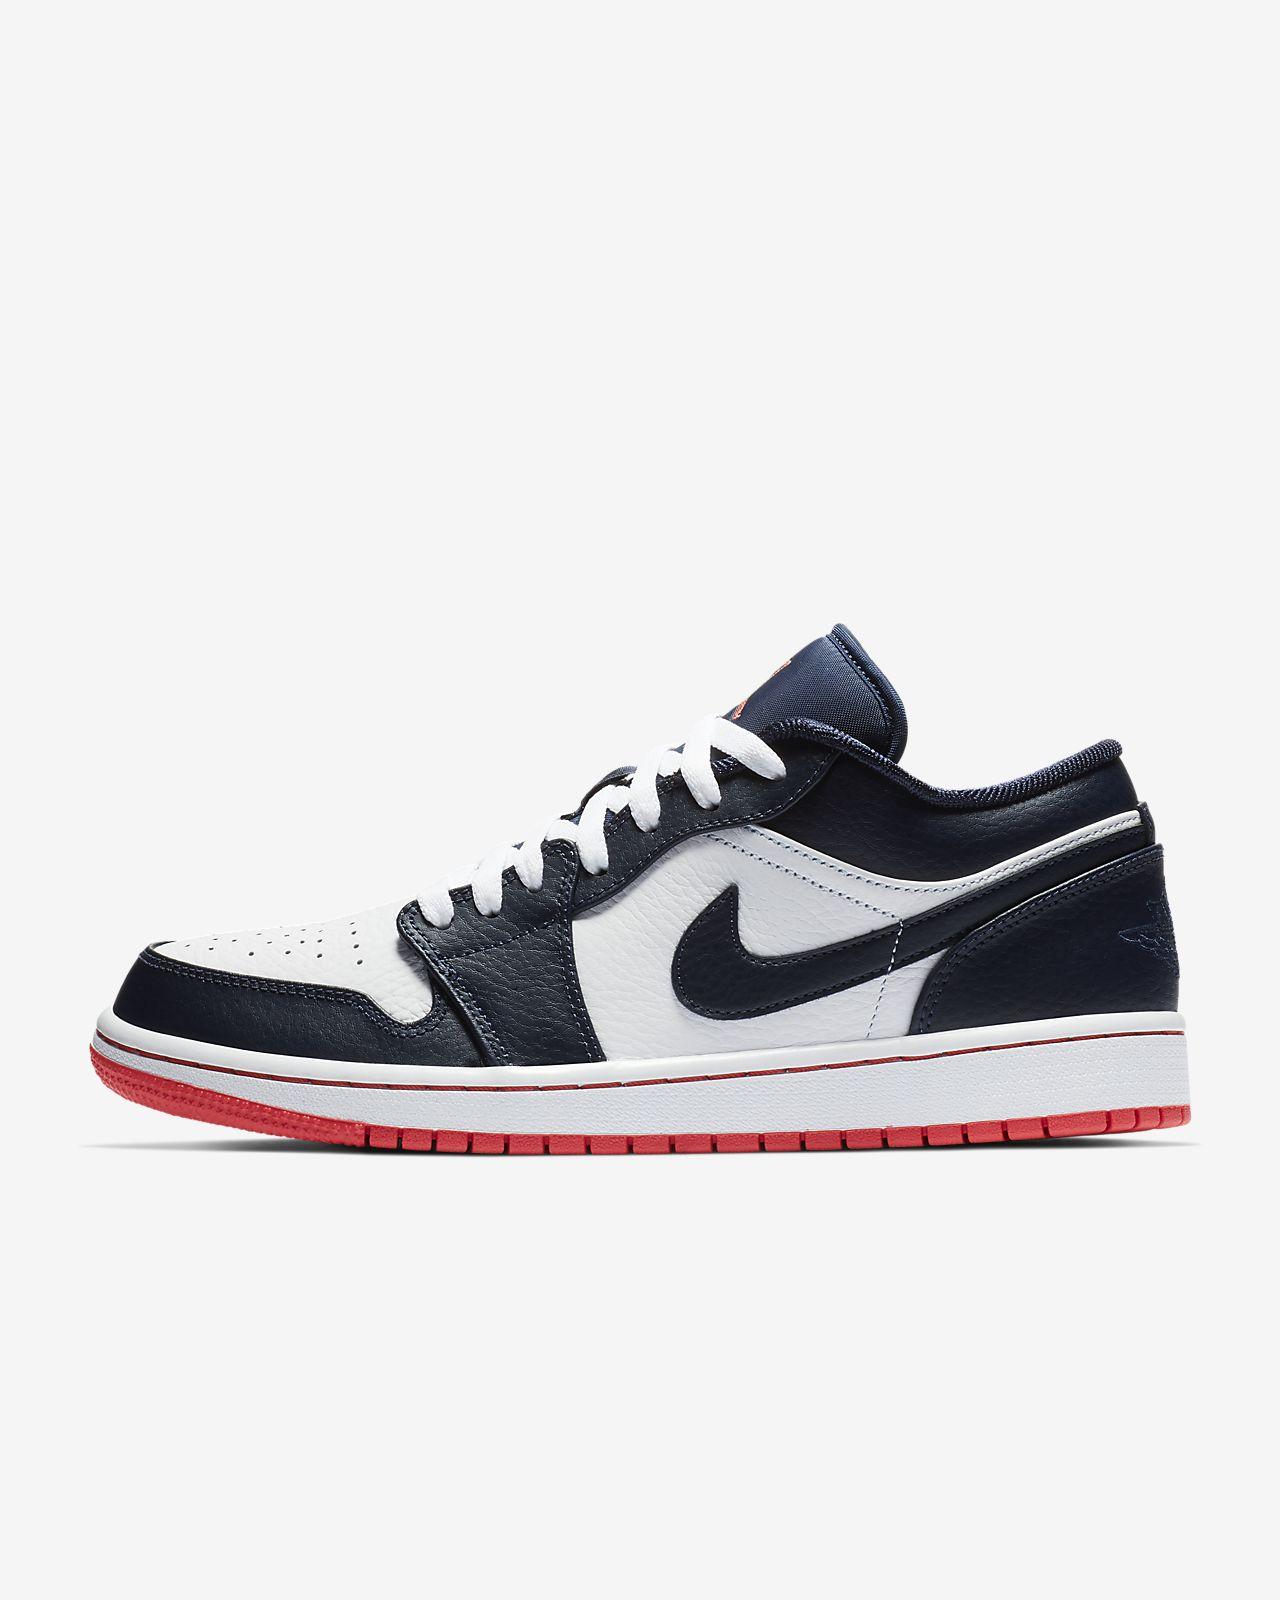 รองเท้าผู้ชาย Air Jordan 1 Low